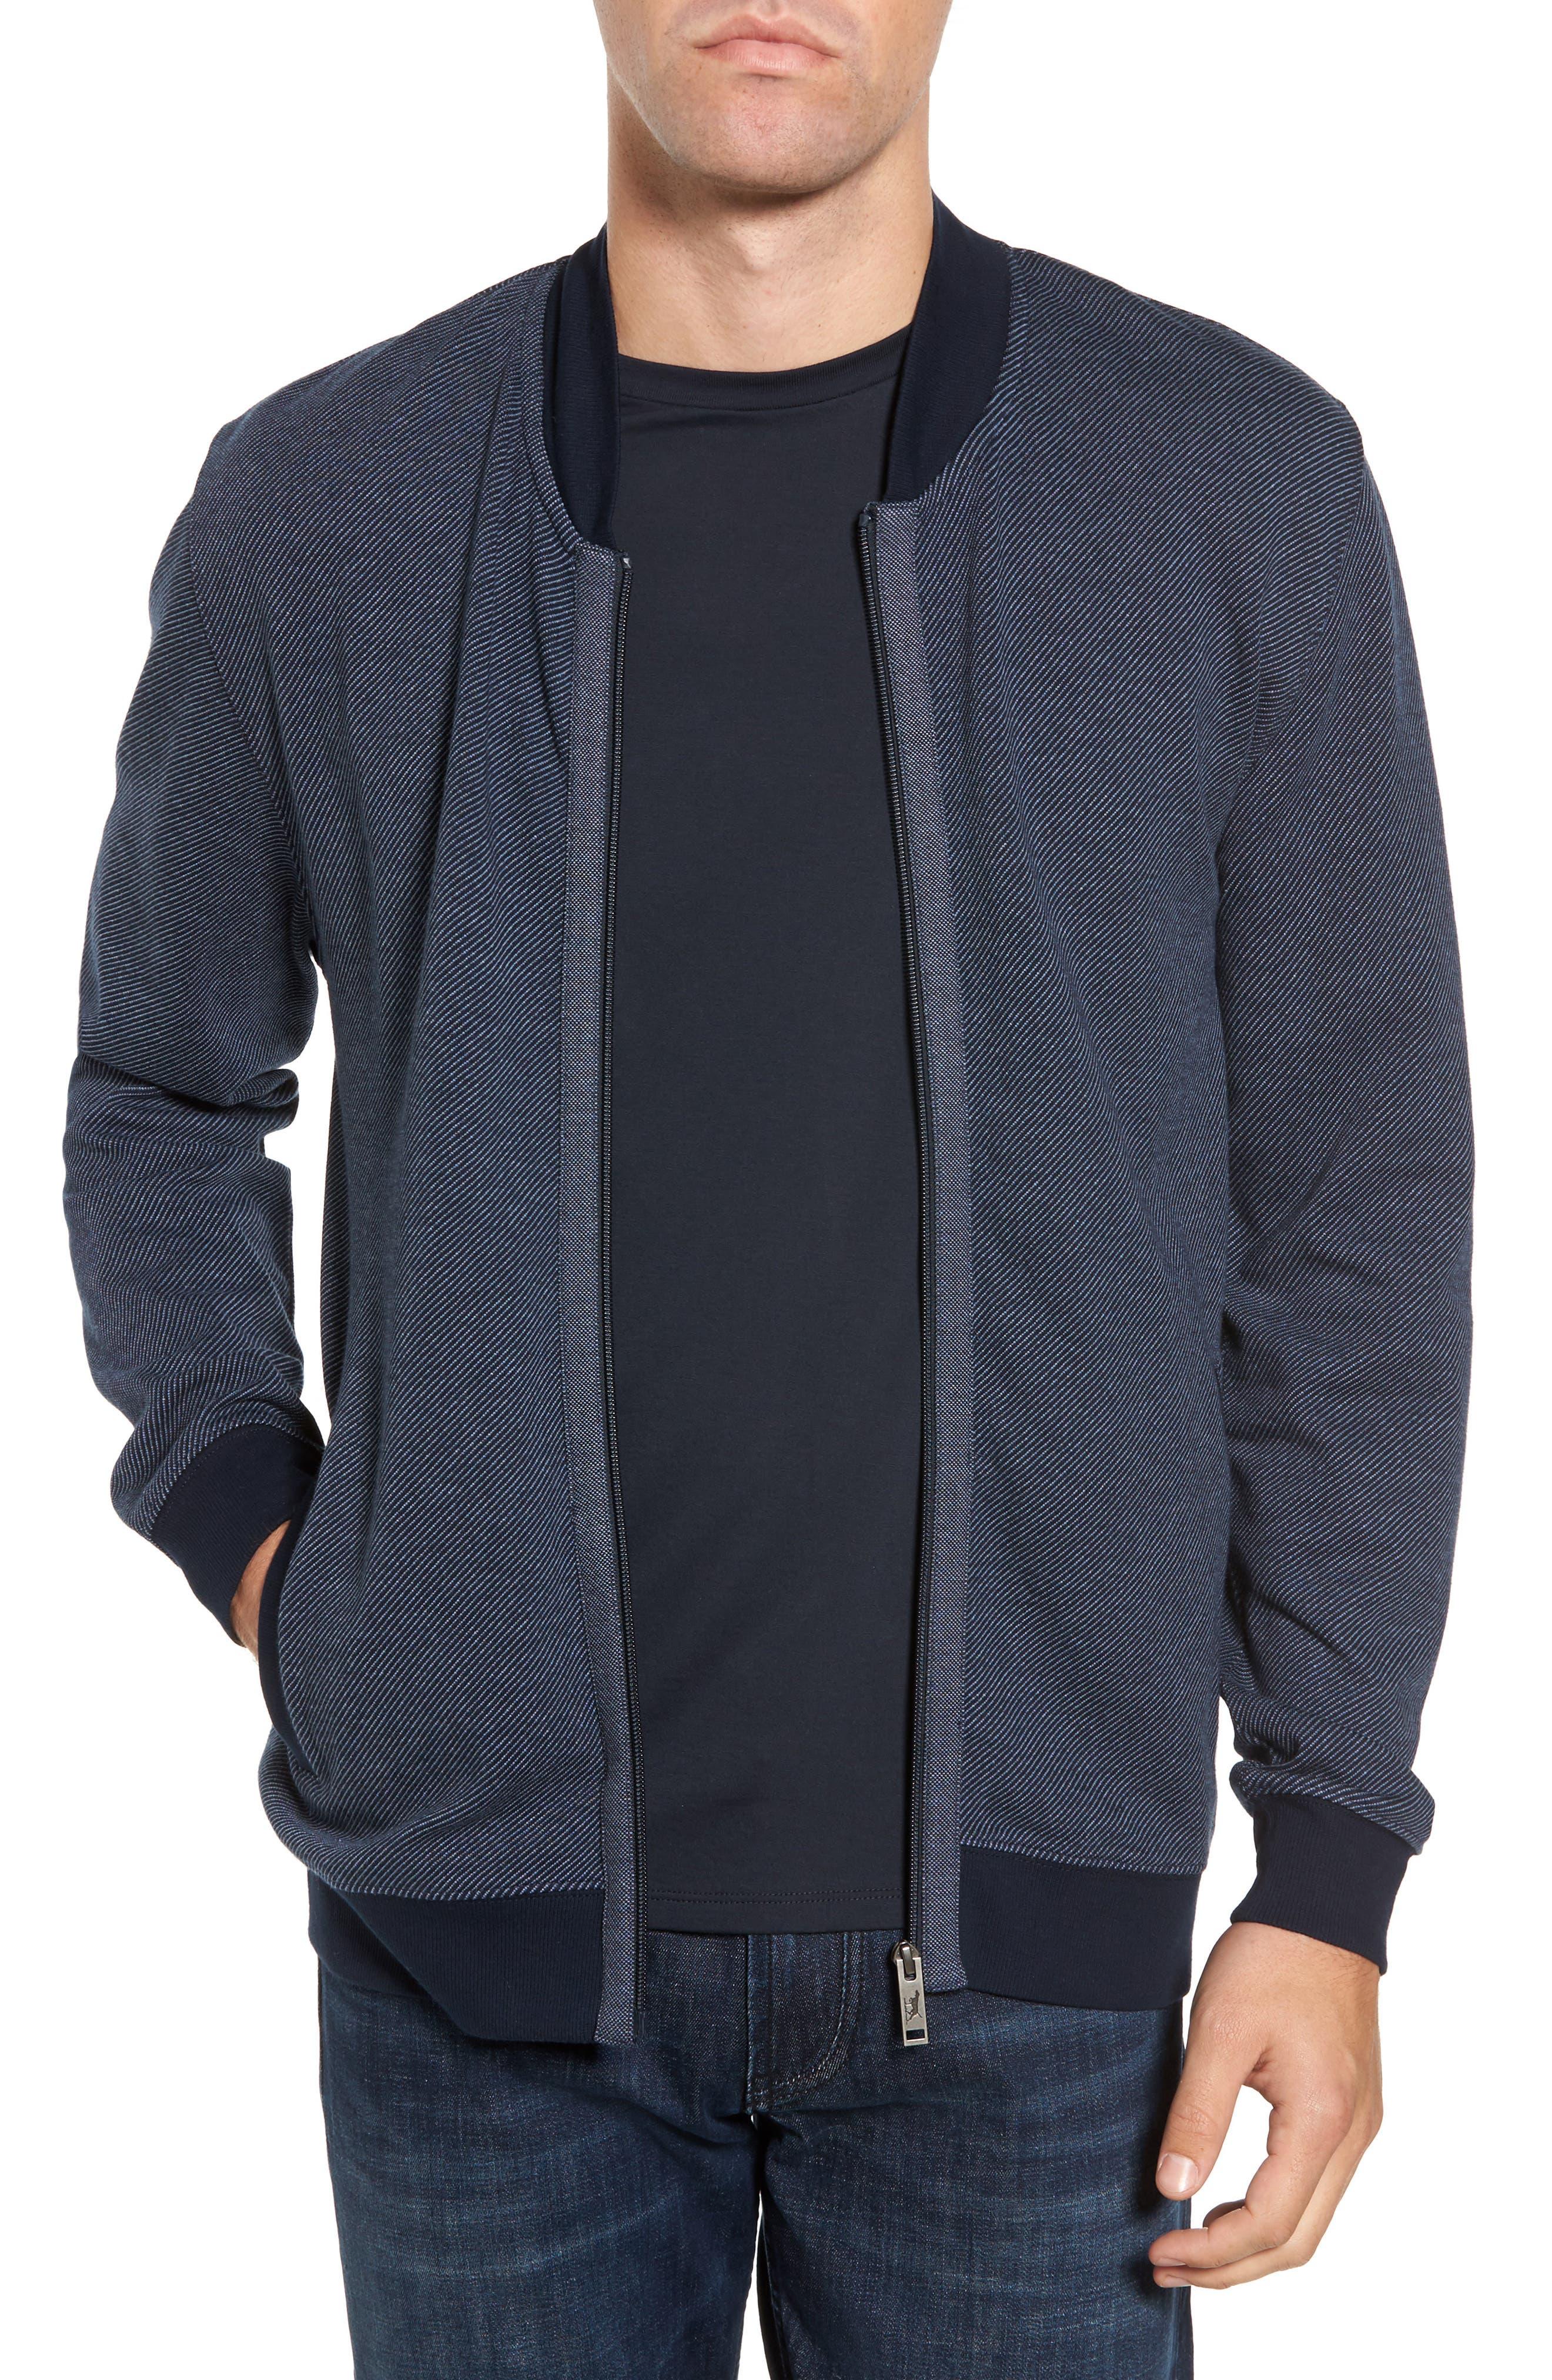 Alderson Ave Fleece Jacket,                         Main,                         color, Navy